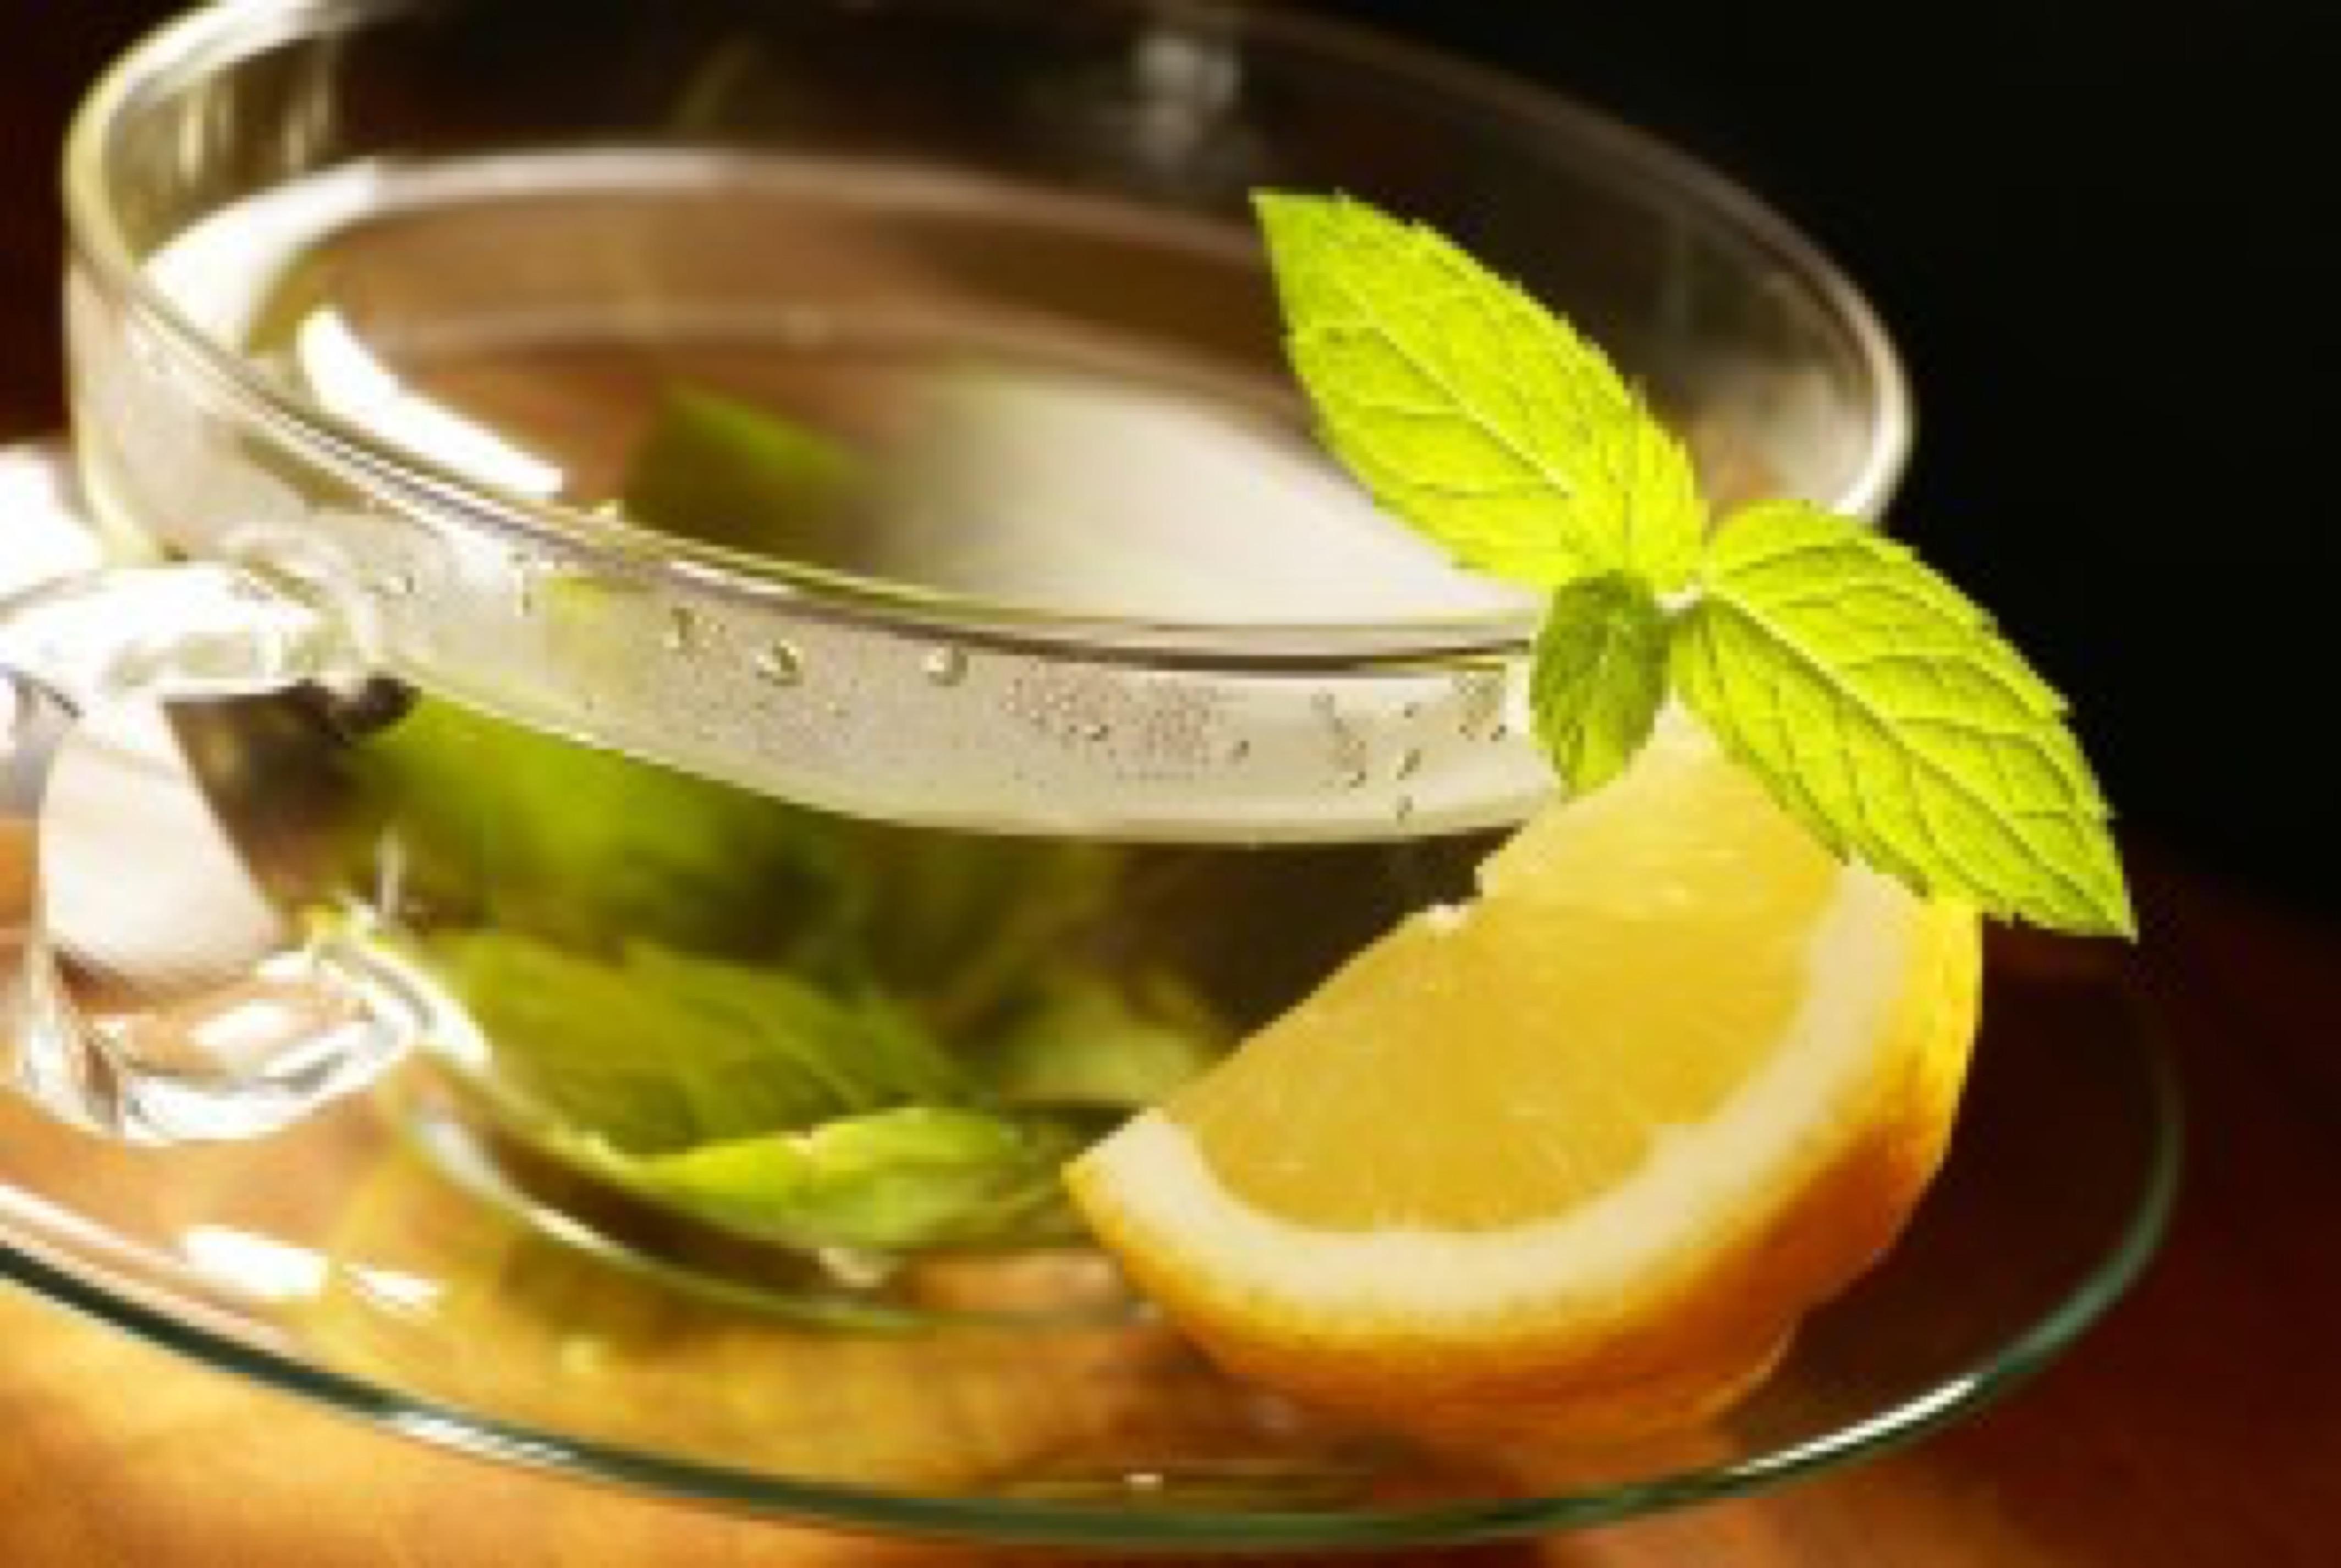 Mint tea, fresh mint leaves and lemon.